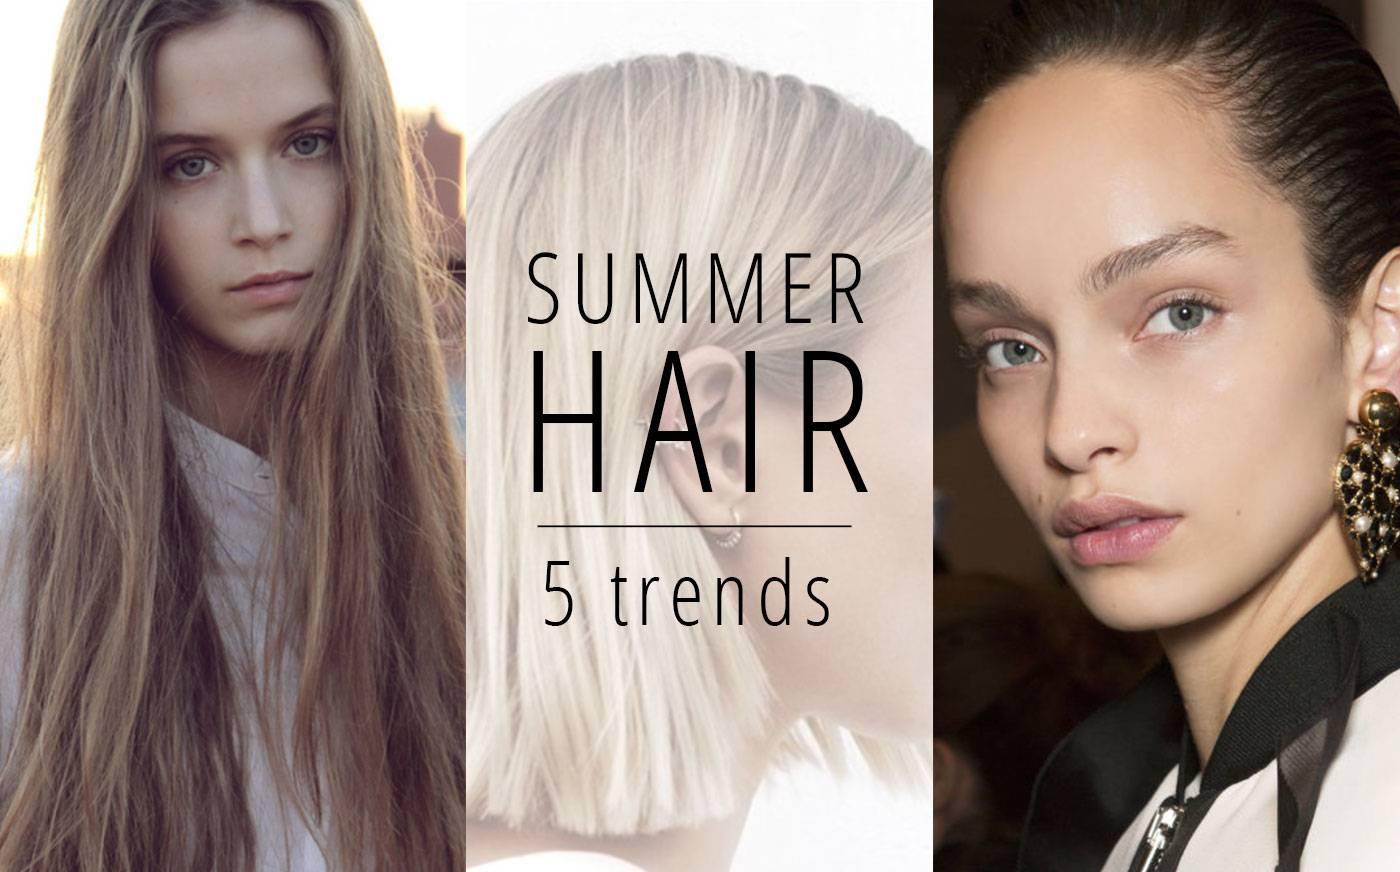 Summer hair!